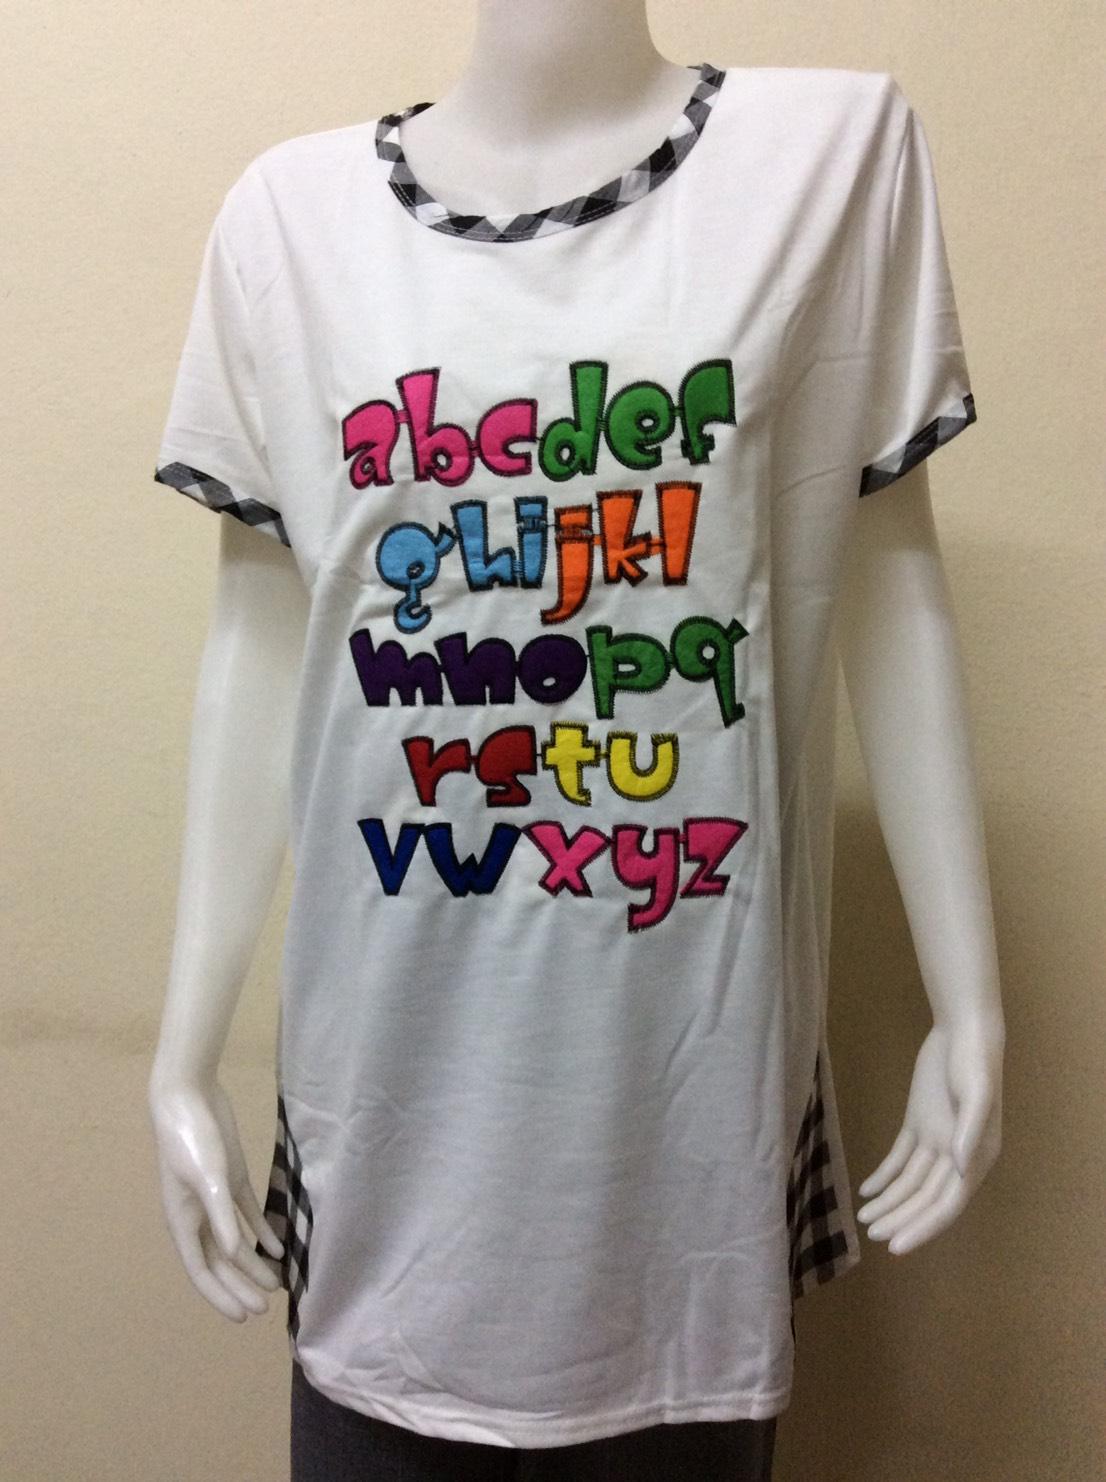 เสื้อคอกลมคนอ้วนลายปักตัวอักษรภาษาอังกฤษ สีขาว